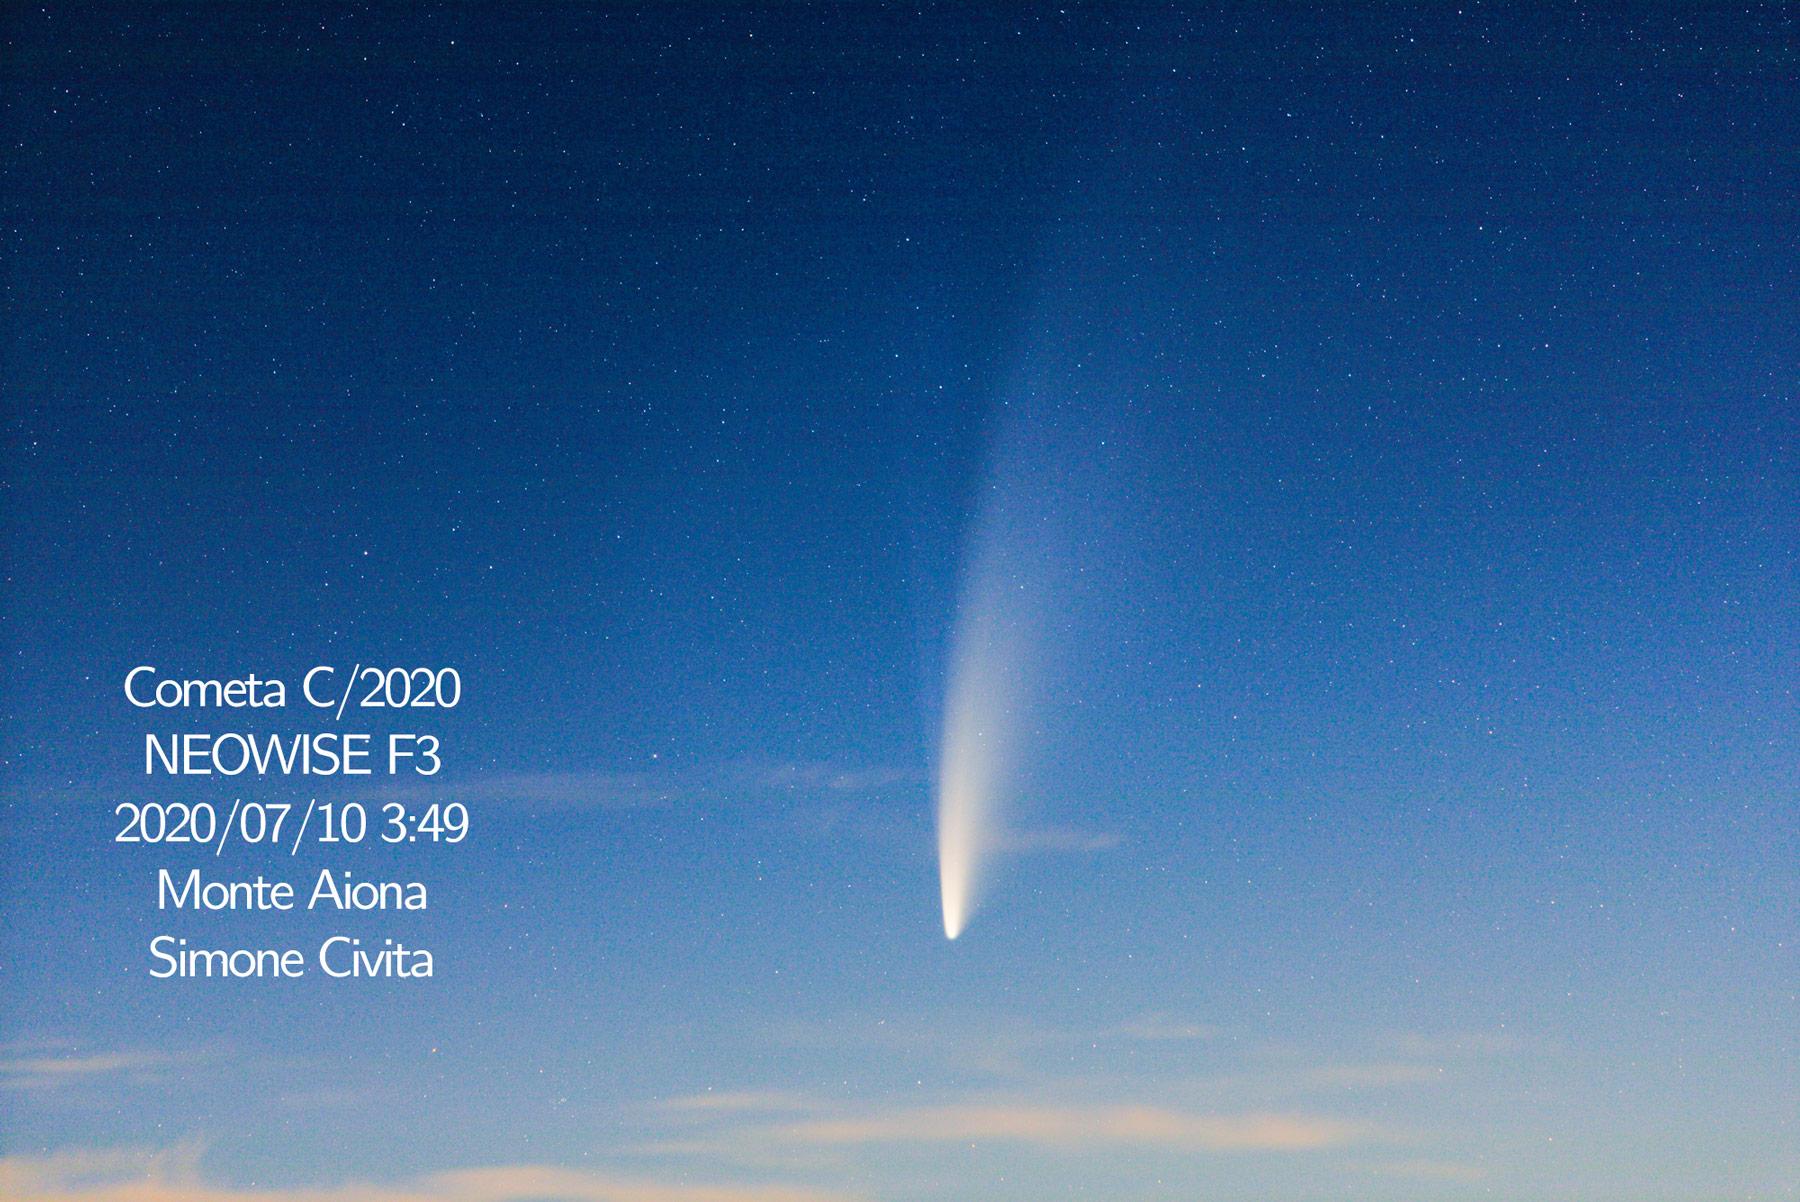 Scatto singolo orizzontale 200mm. Cometa Neowise 2020 Monte Aiona Simone Civita